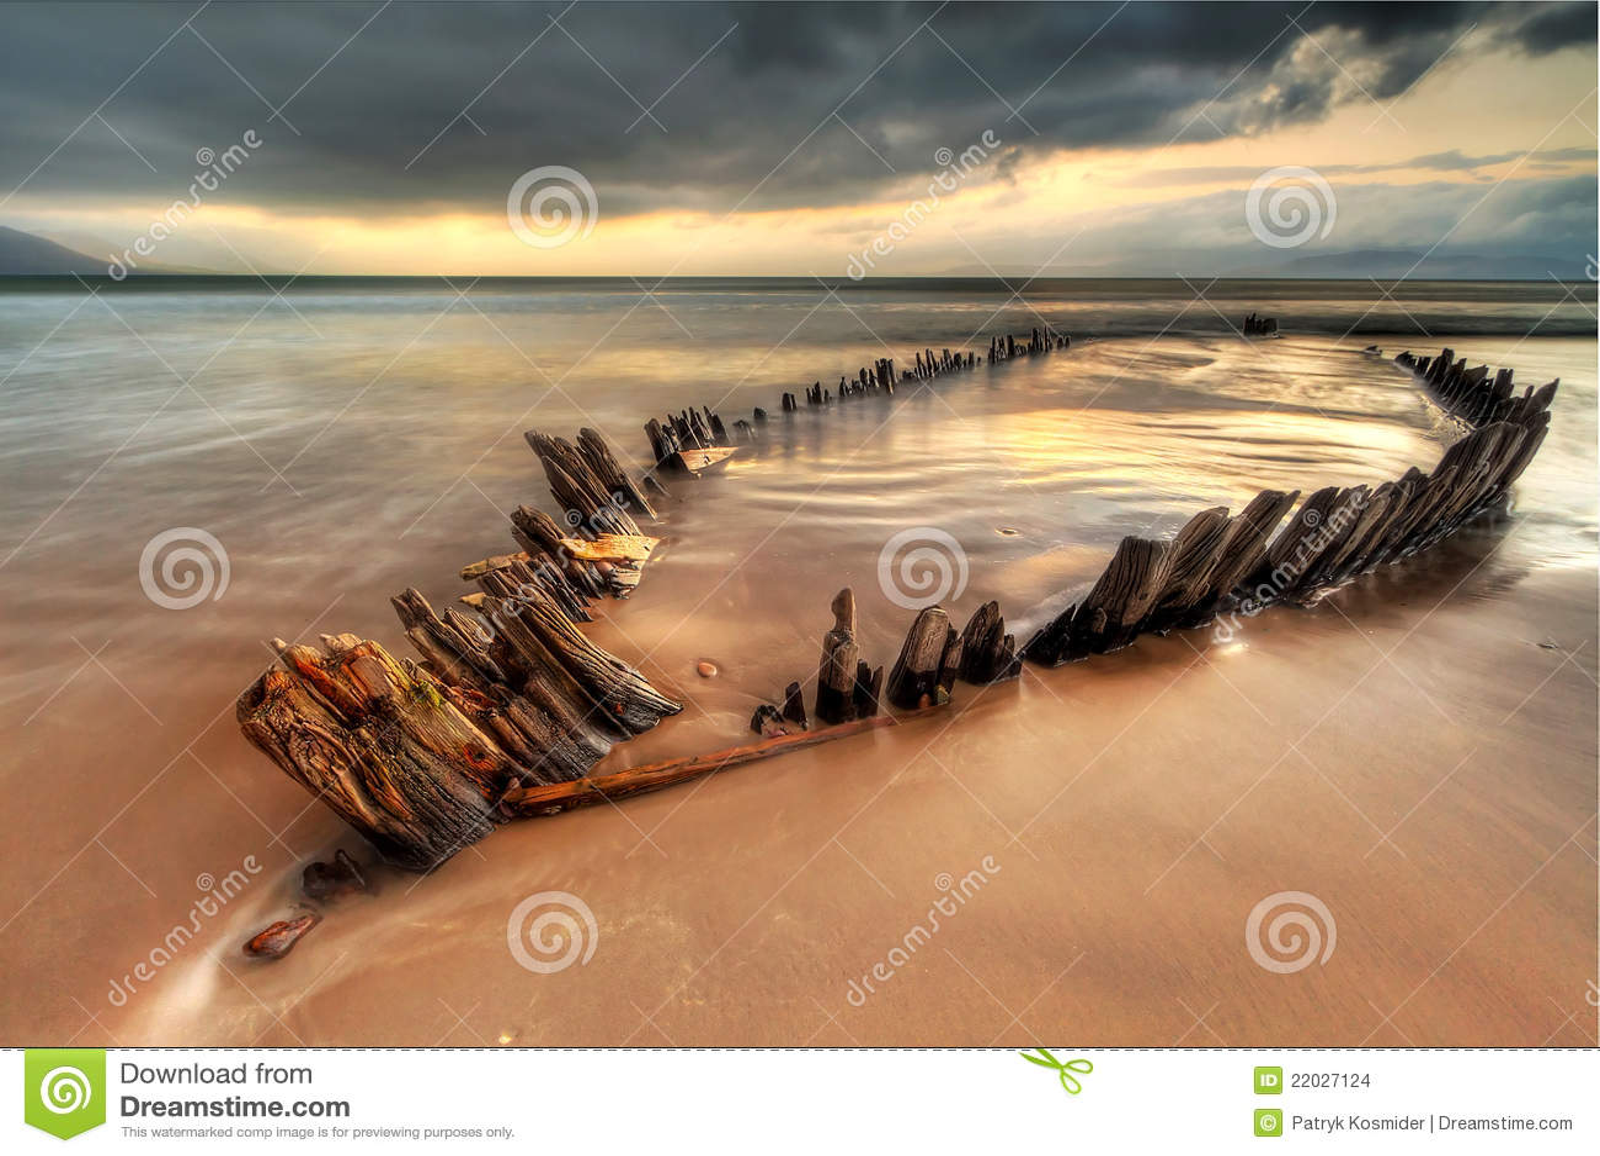 Sunbeam ship wreck on irish beach - HDR